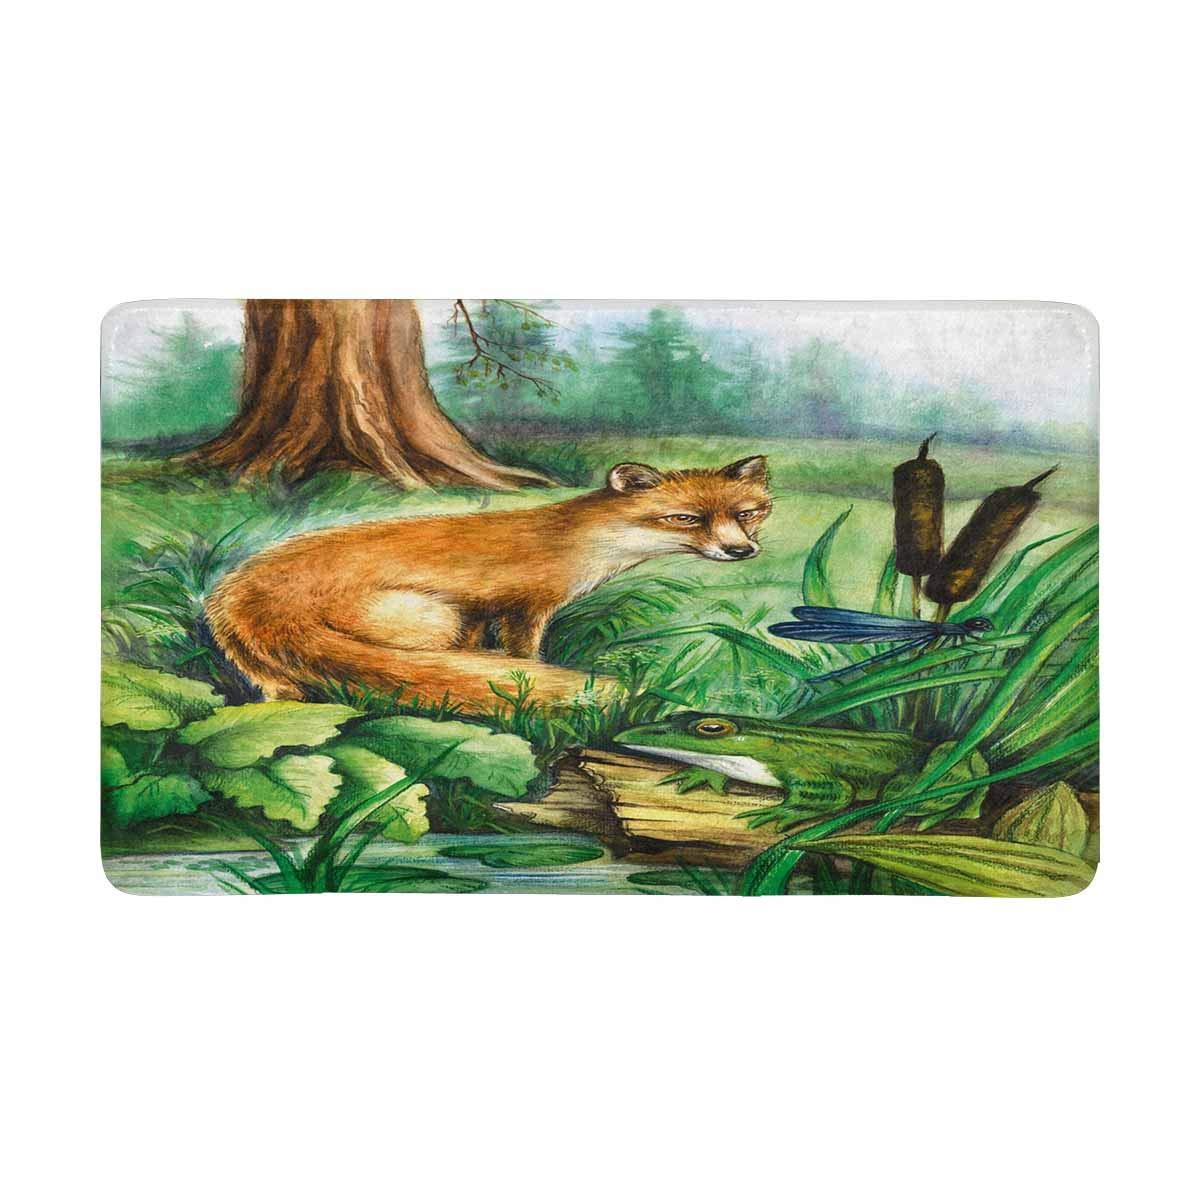 InterestPrint Fox, Frog, Swamp, Forest Indoor Doormat Latex Backing Non Slip Door Mat Entrance Rug 30''(L) x 18''(W)